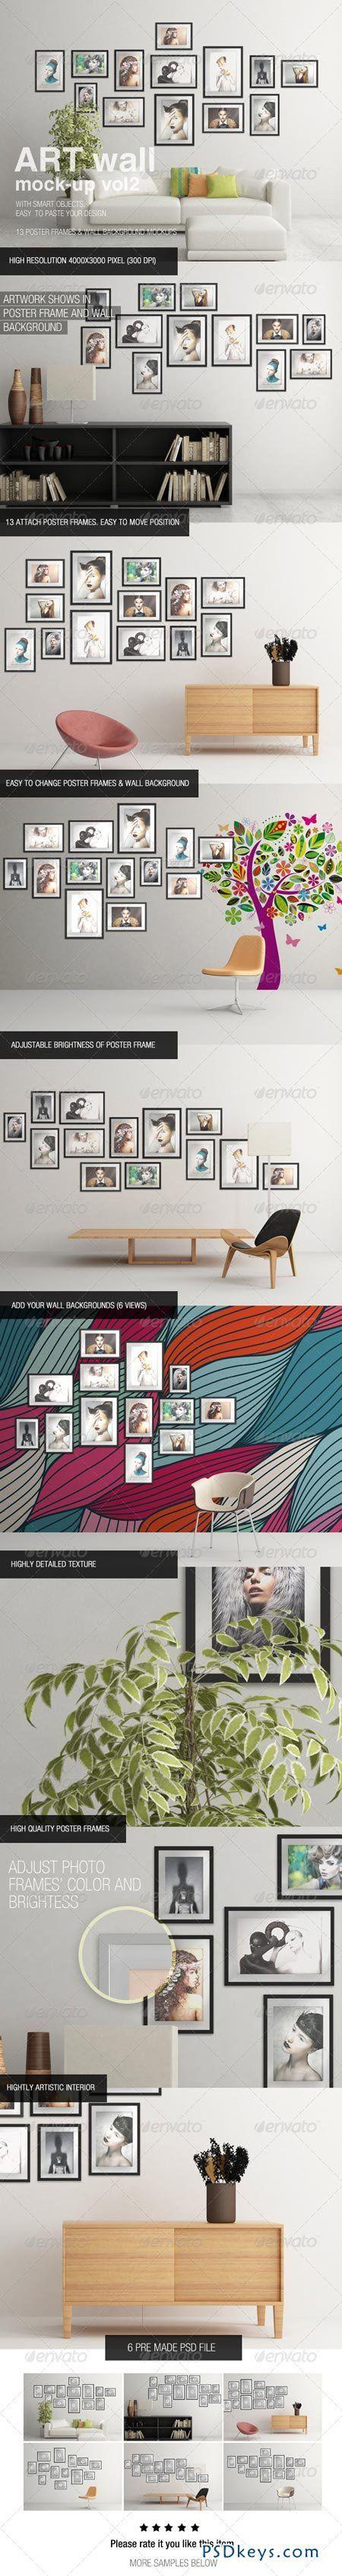 6 poster design photo mockups - 6 Poster Design Photo Mockups 17